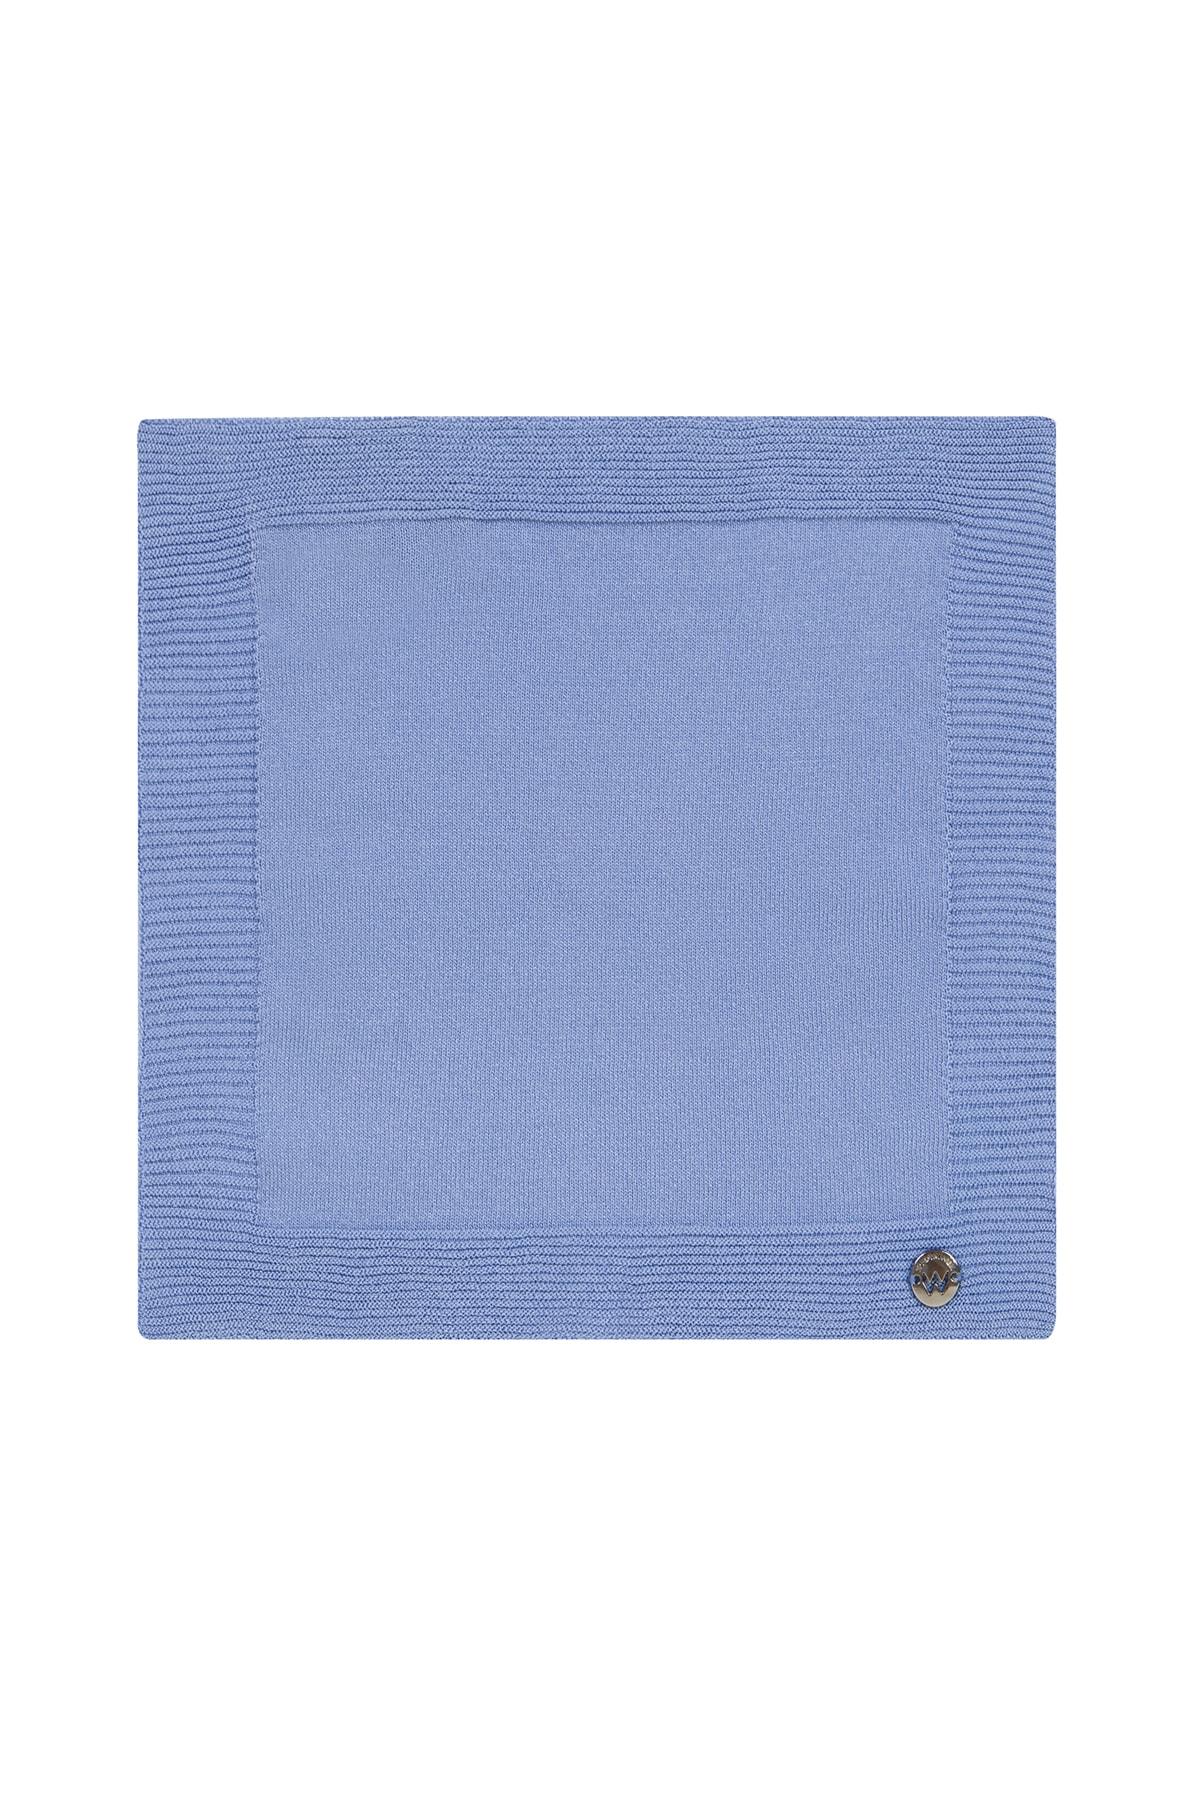 Hemington Ipek Örgü Açık Mavi Cep Mendili 2